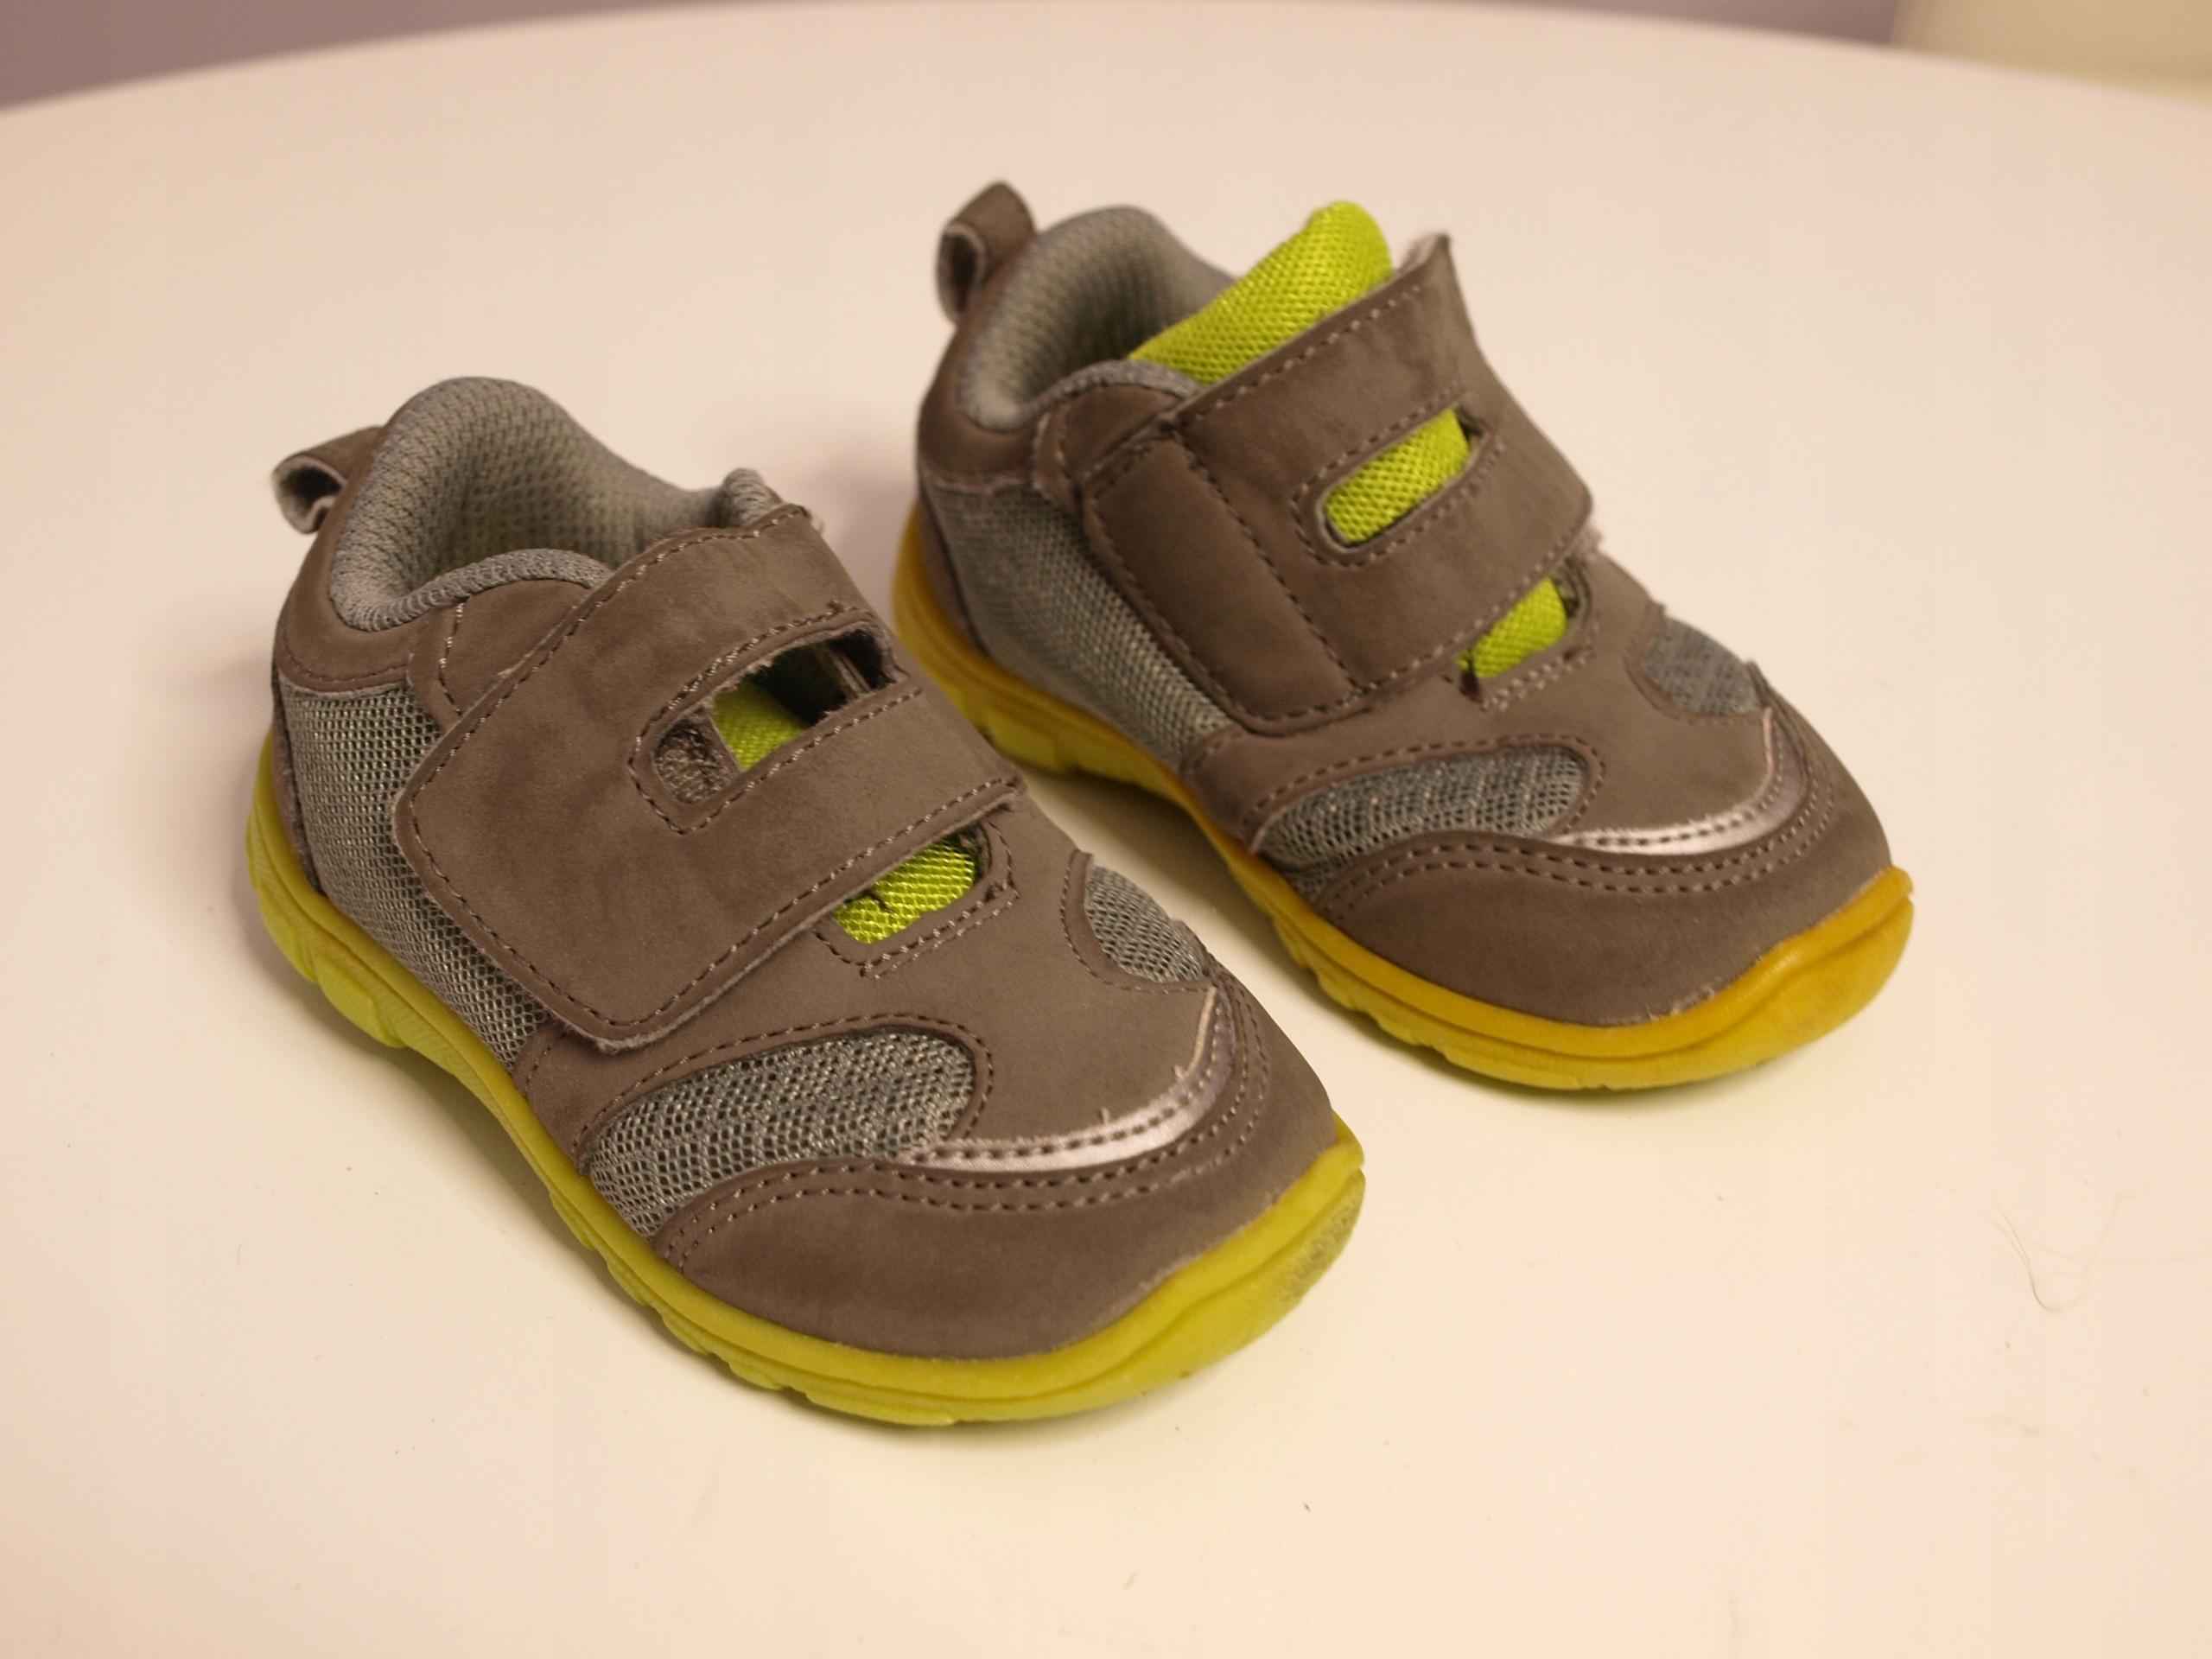 cg6840 buty sportowe adidas deerupt z siatk dzieciecei